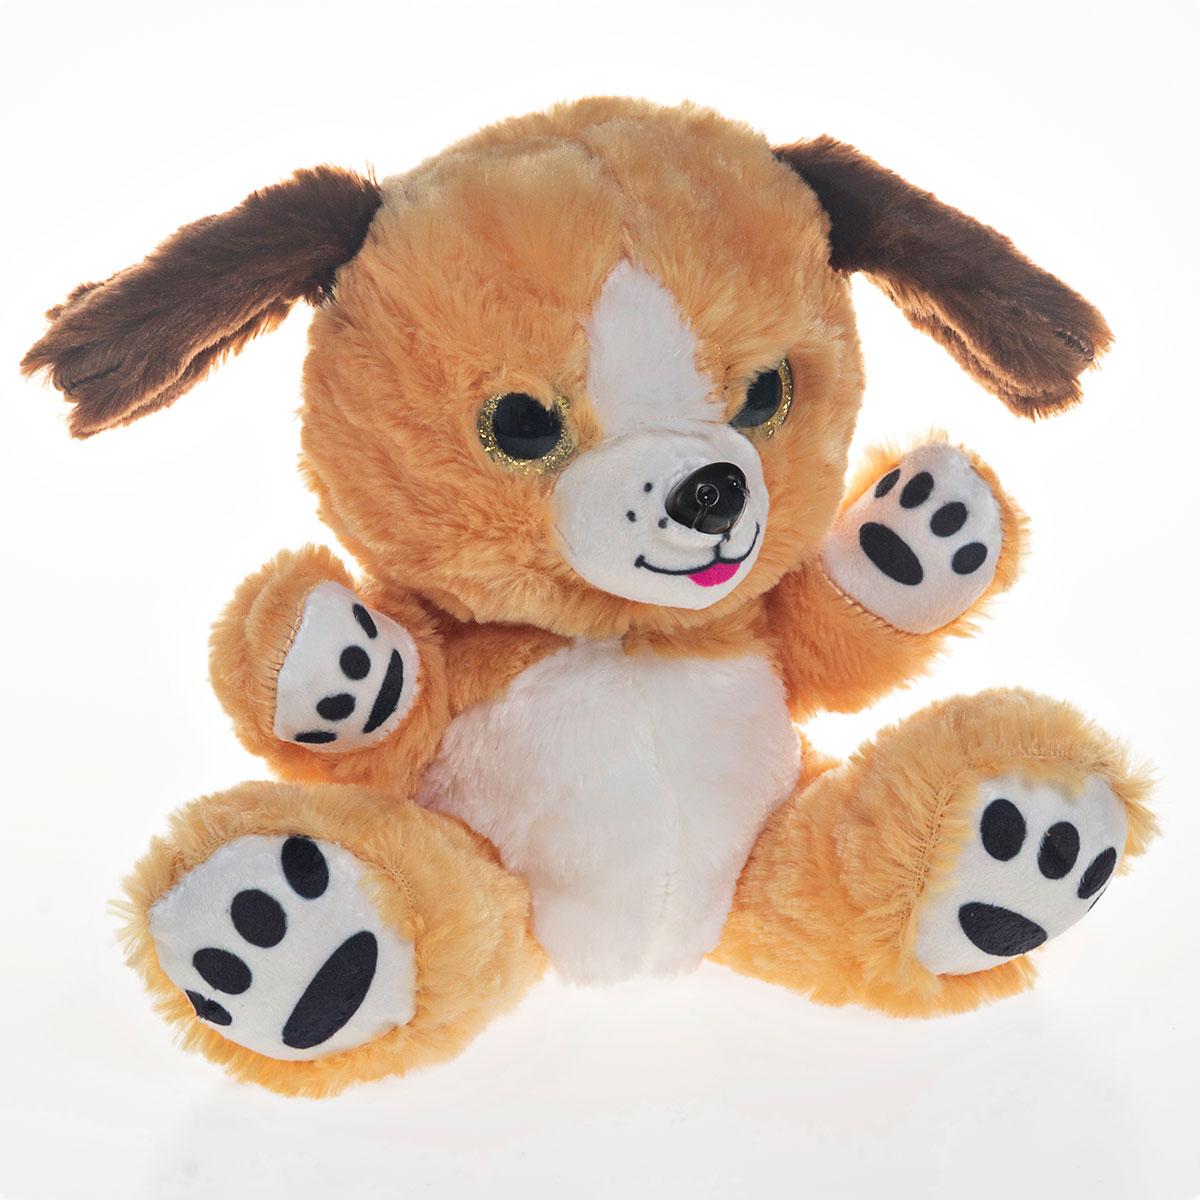 Cachorro de Pelúcia Com Olhos Brilhantes 19cm Sentado